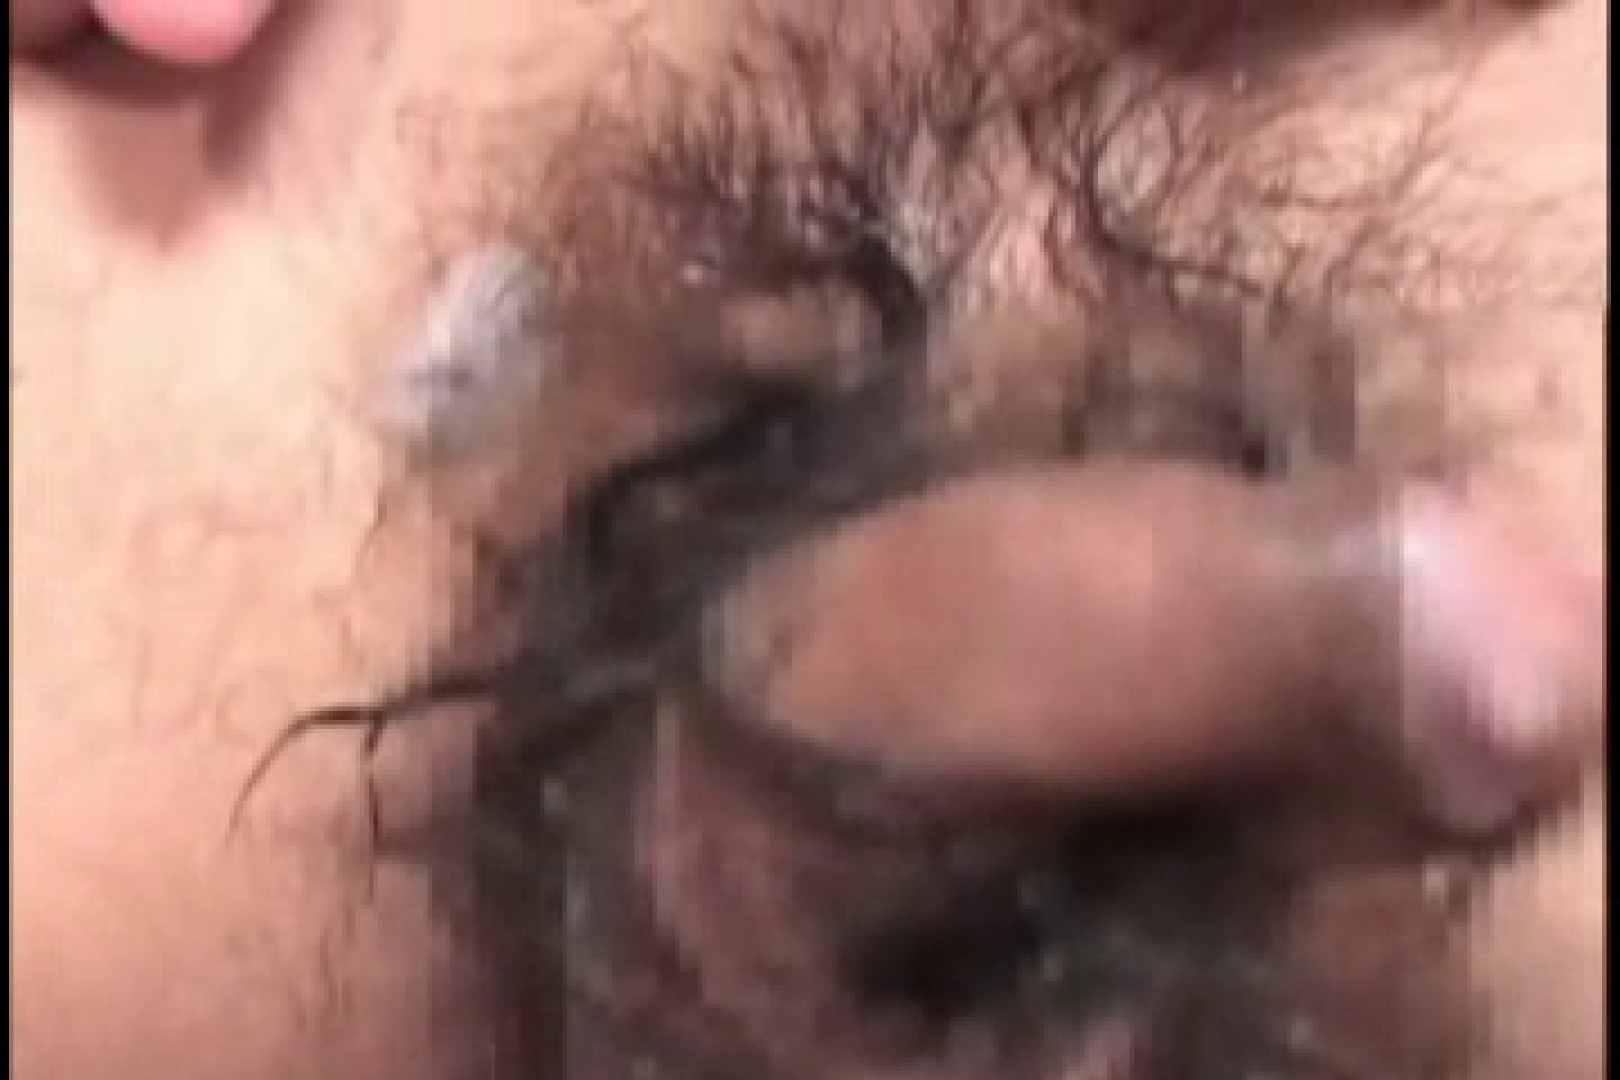 スポメン鍛え上げられた肉体と反り返るモッコリ!!03 ケツマン ゲイアダルトビデオ画像 62枚 17